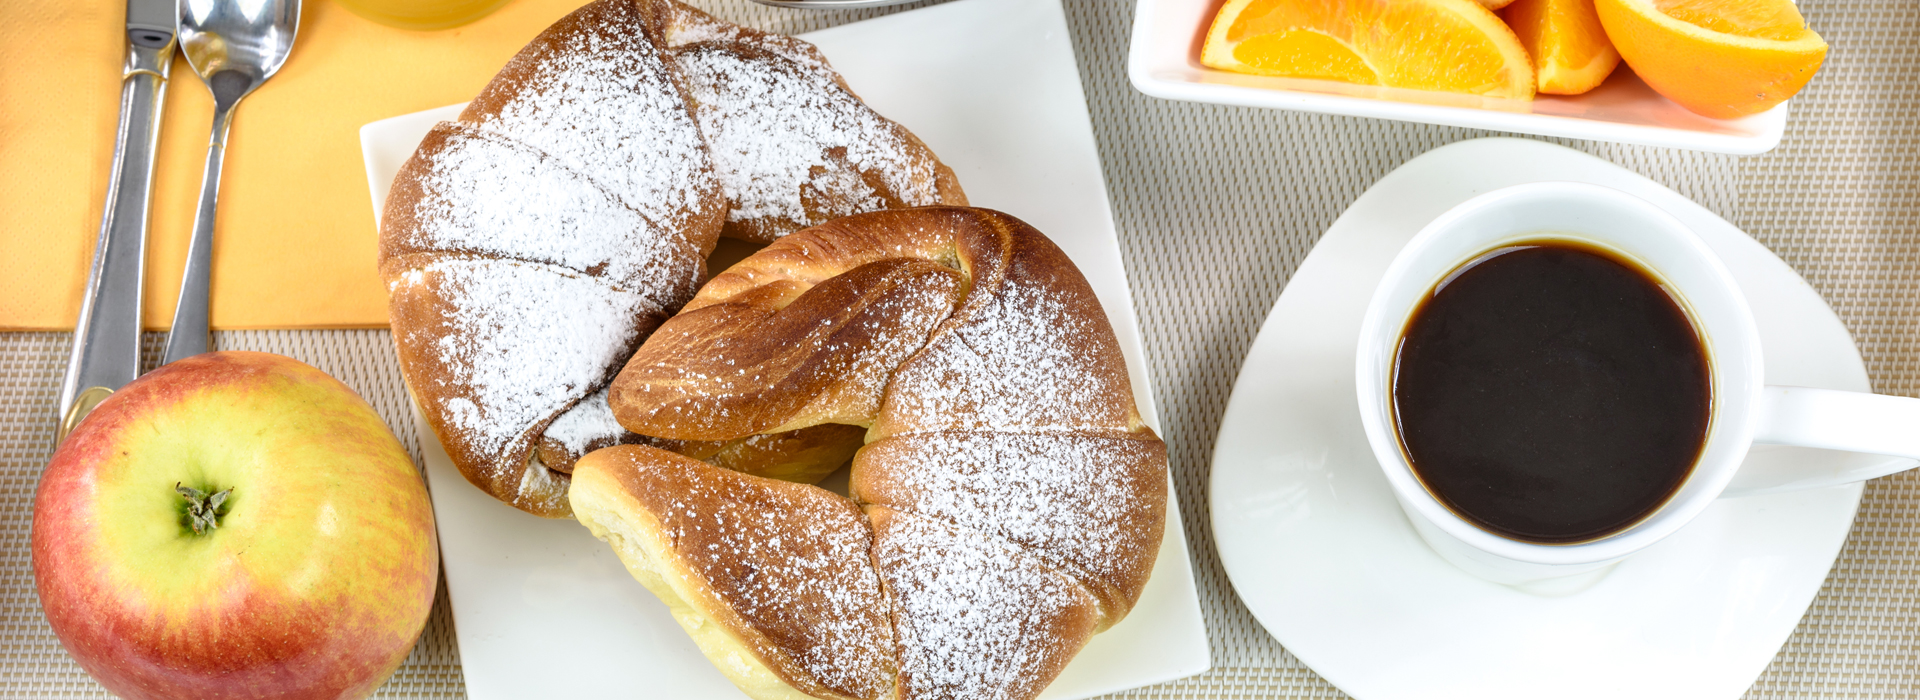 早上睡過頭總是來不及買早餐?公開網友最愛速食店的這一味!